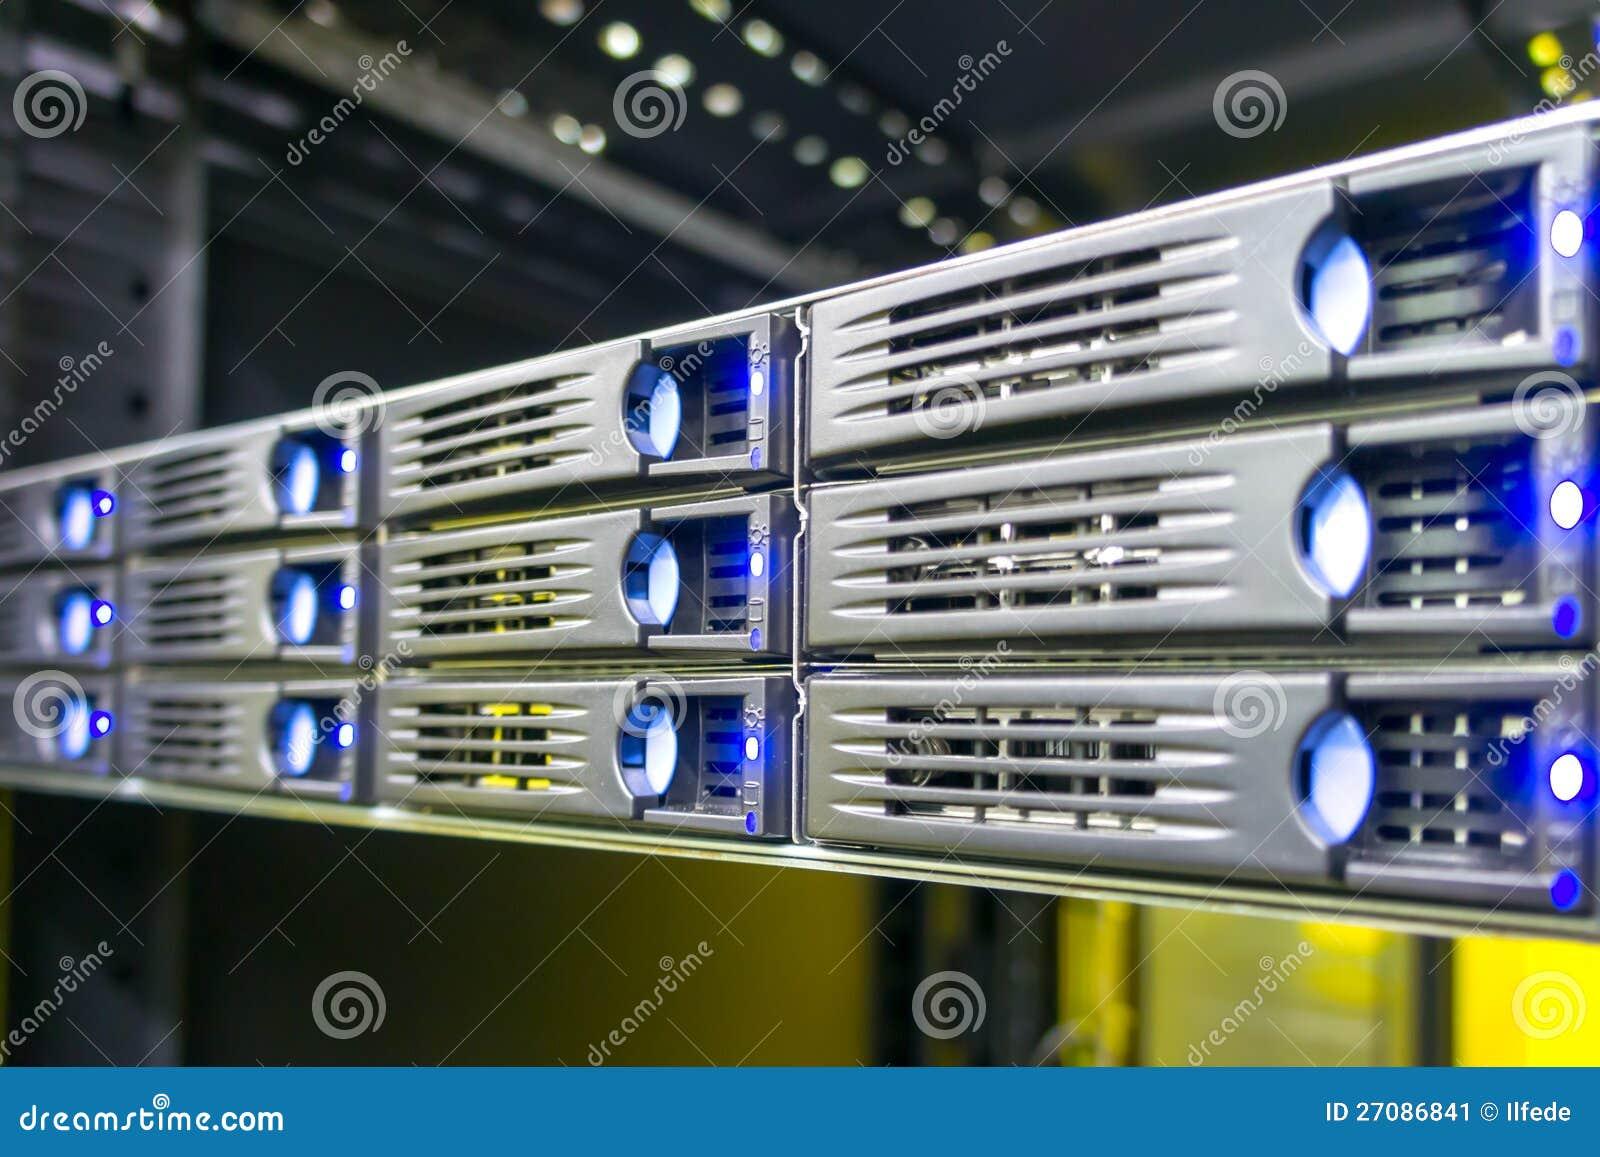 Rechenzentrumzahnstange mit Festplattenlaufwerken